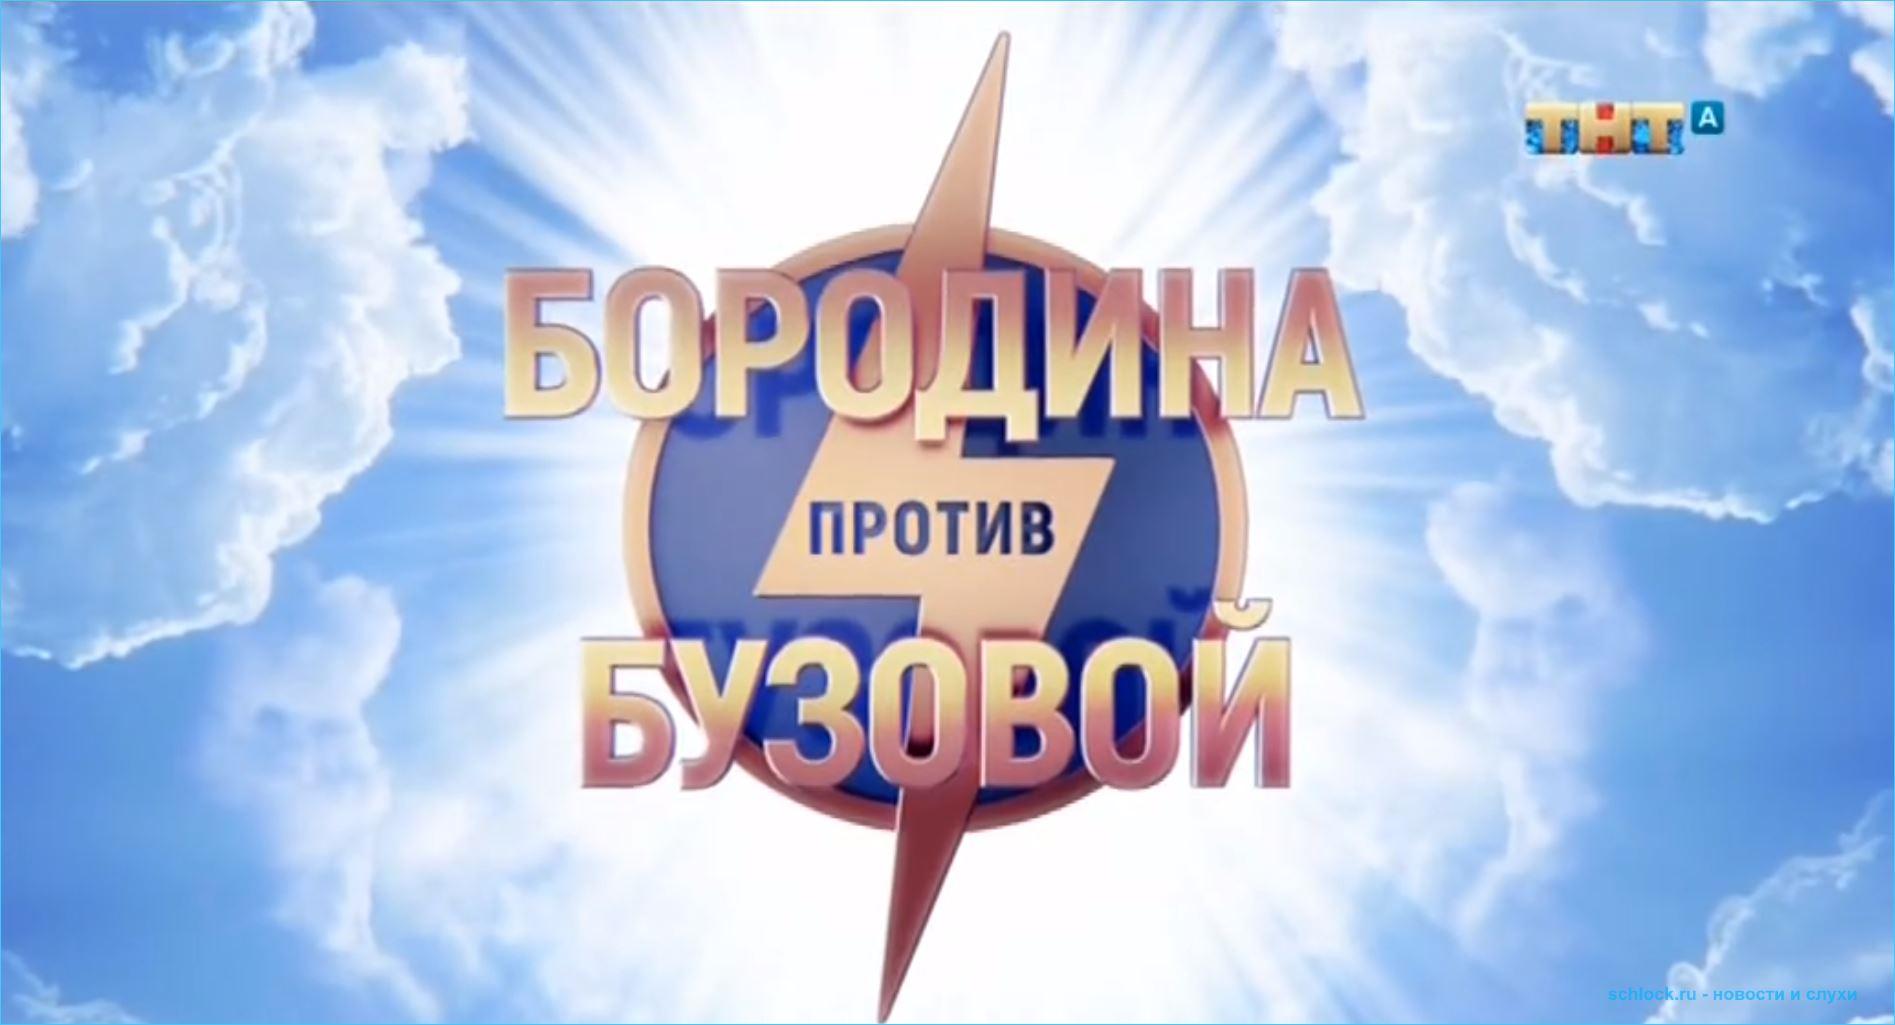 ТНТ запускает новый проект с Ольгой Бузовой и Ксенией Бородиной